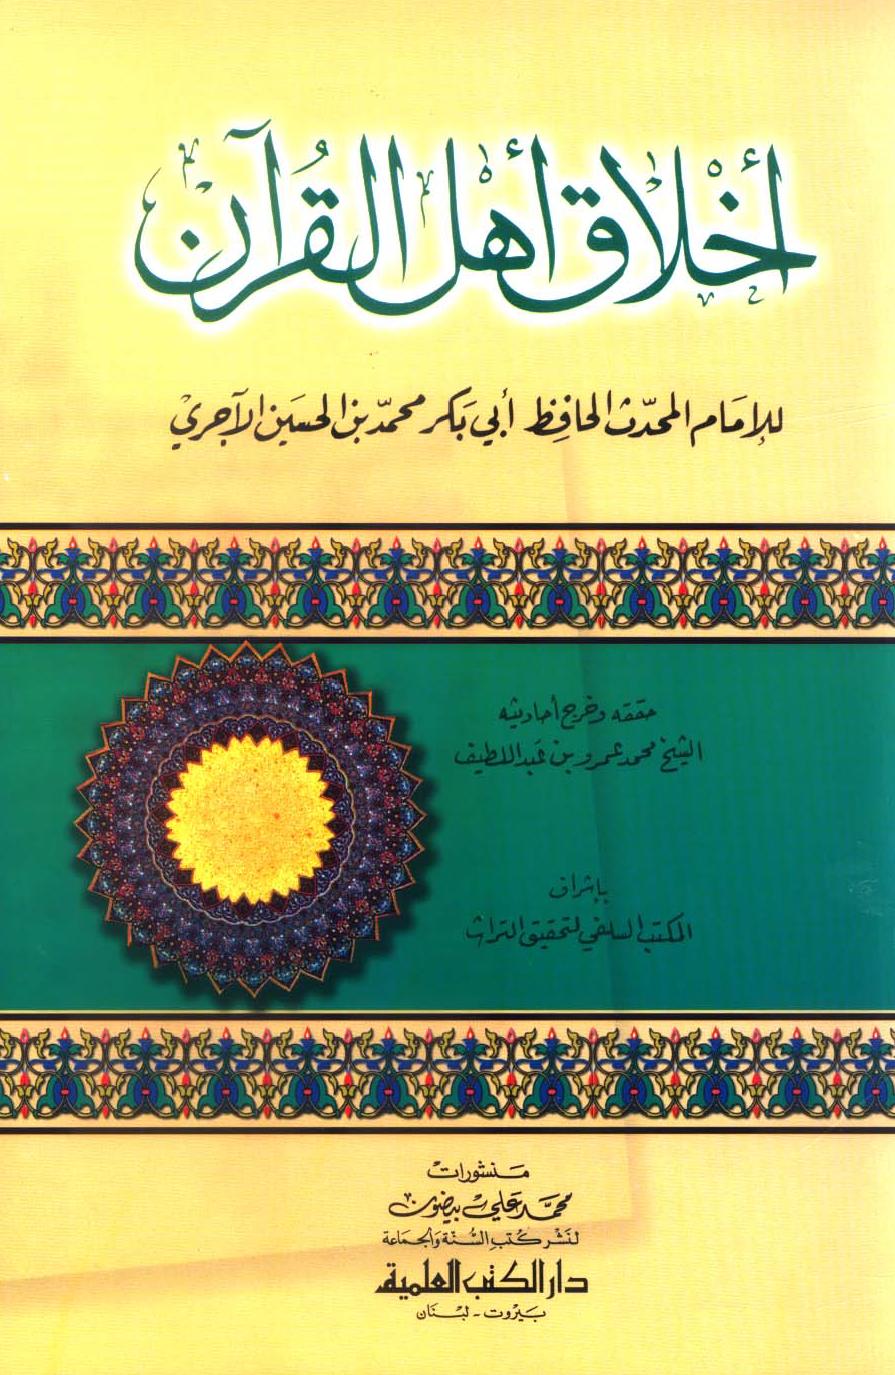 تحميل كتاب أخلاق أهل القرآن لـِ: الإمام أبو بكر محمد بن الحسين بن عبد الله الآجري البغدادي (ت 360)